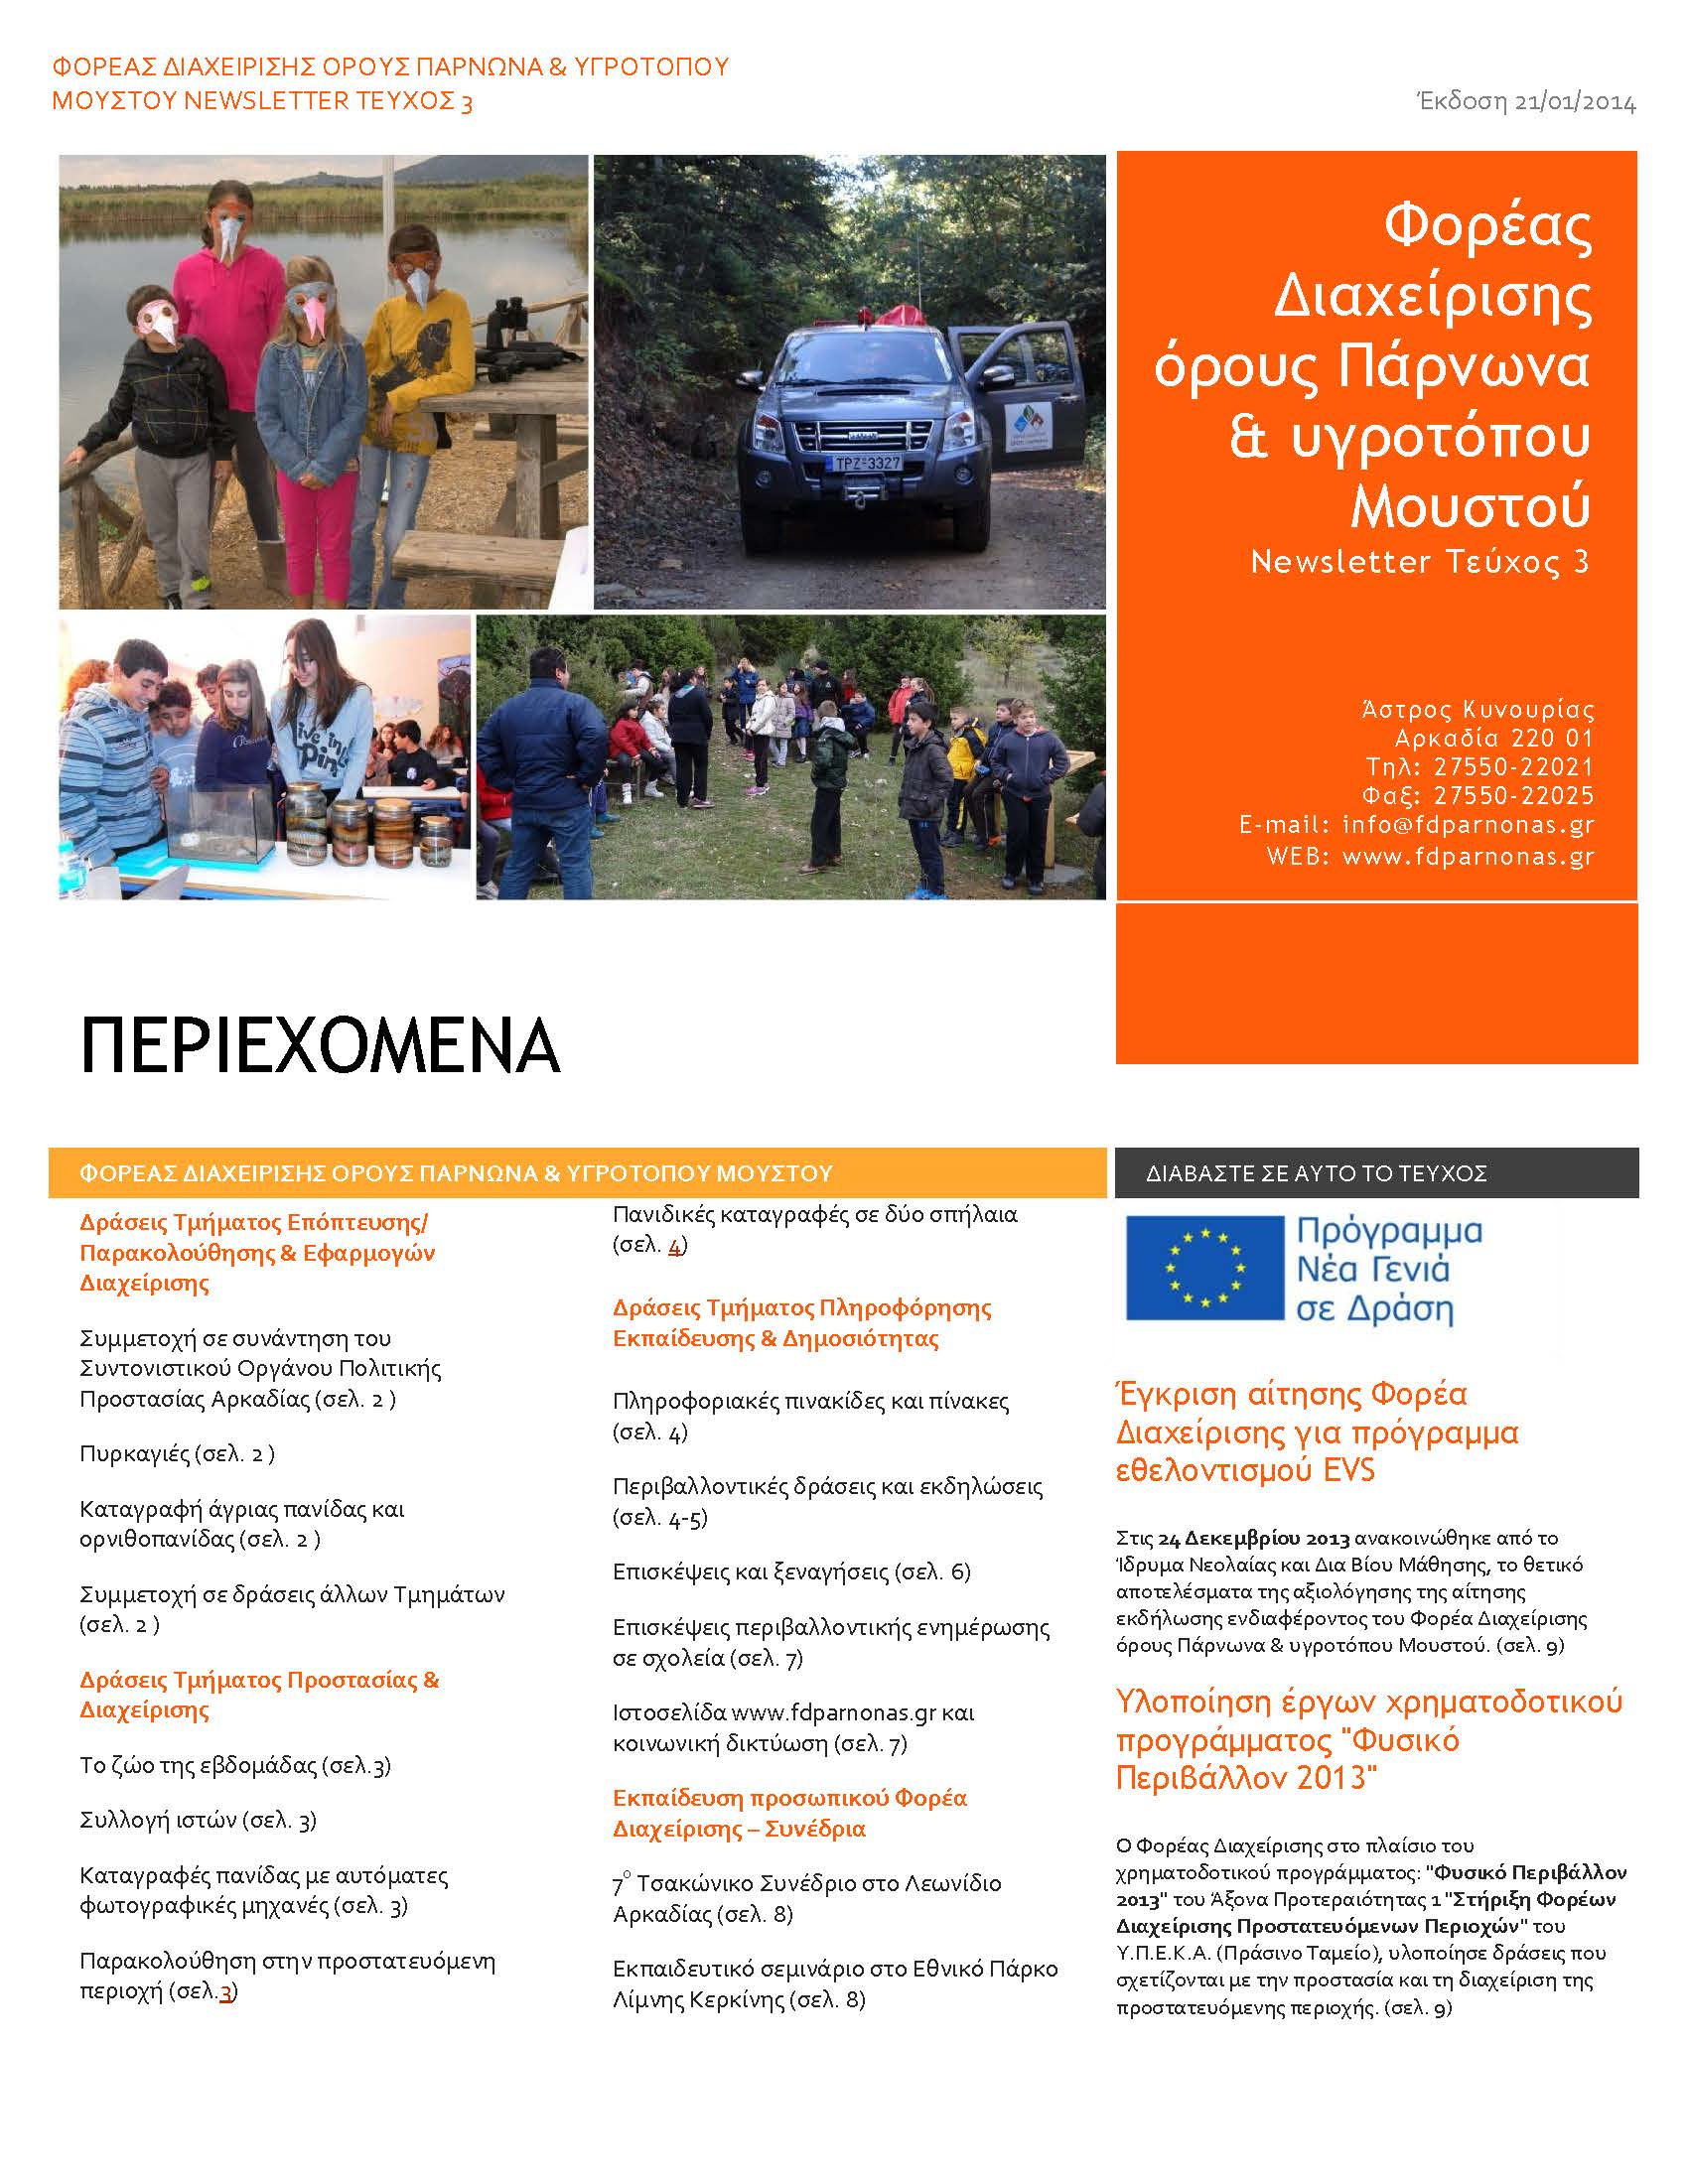 Newsletter 3rd_2013.jpg